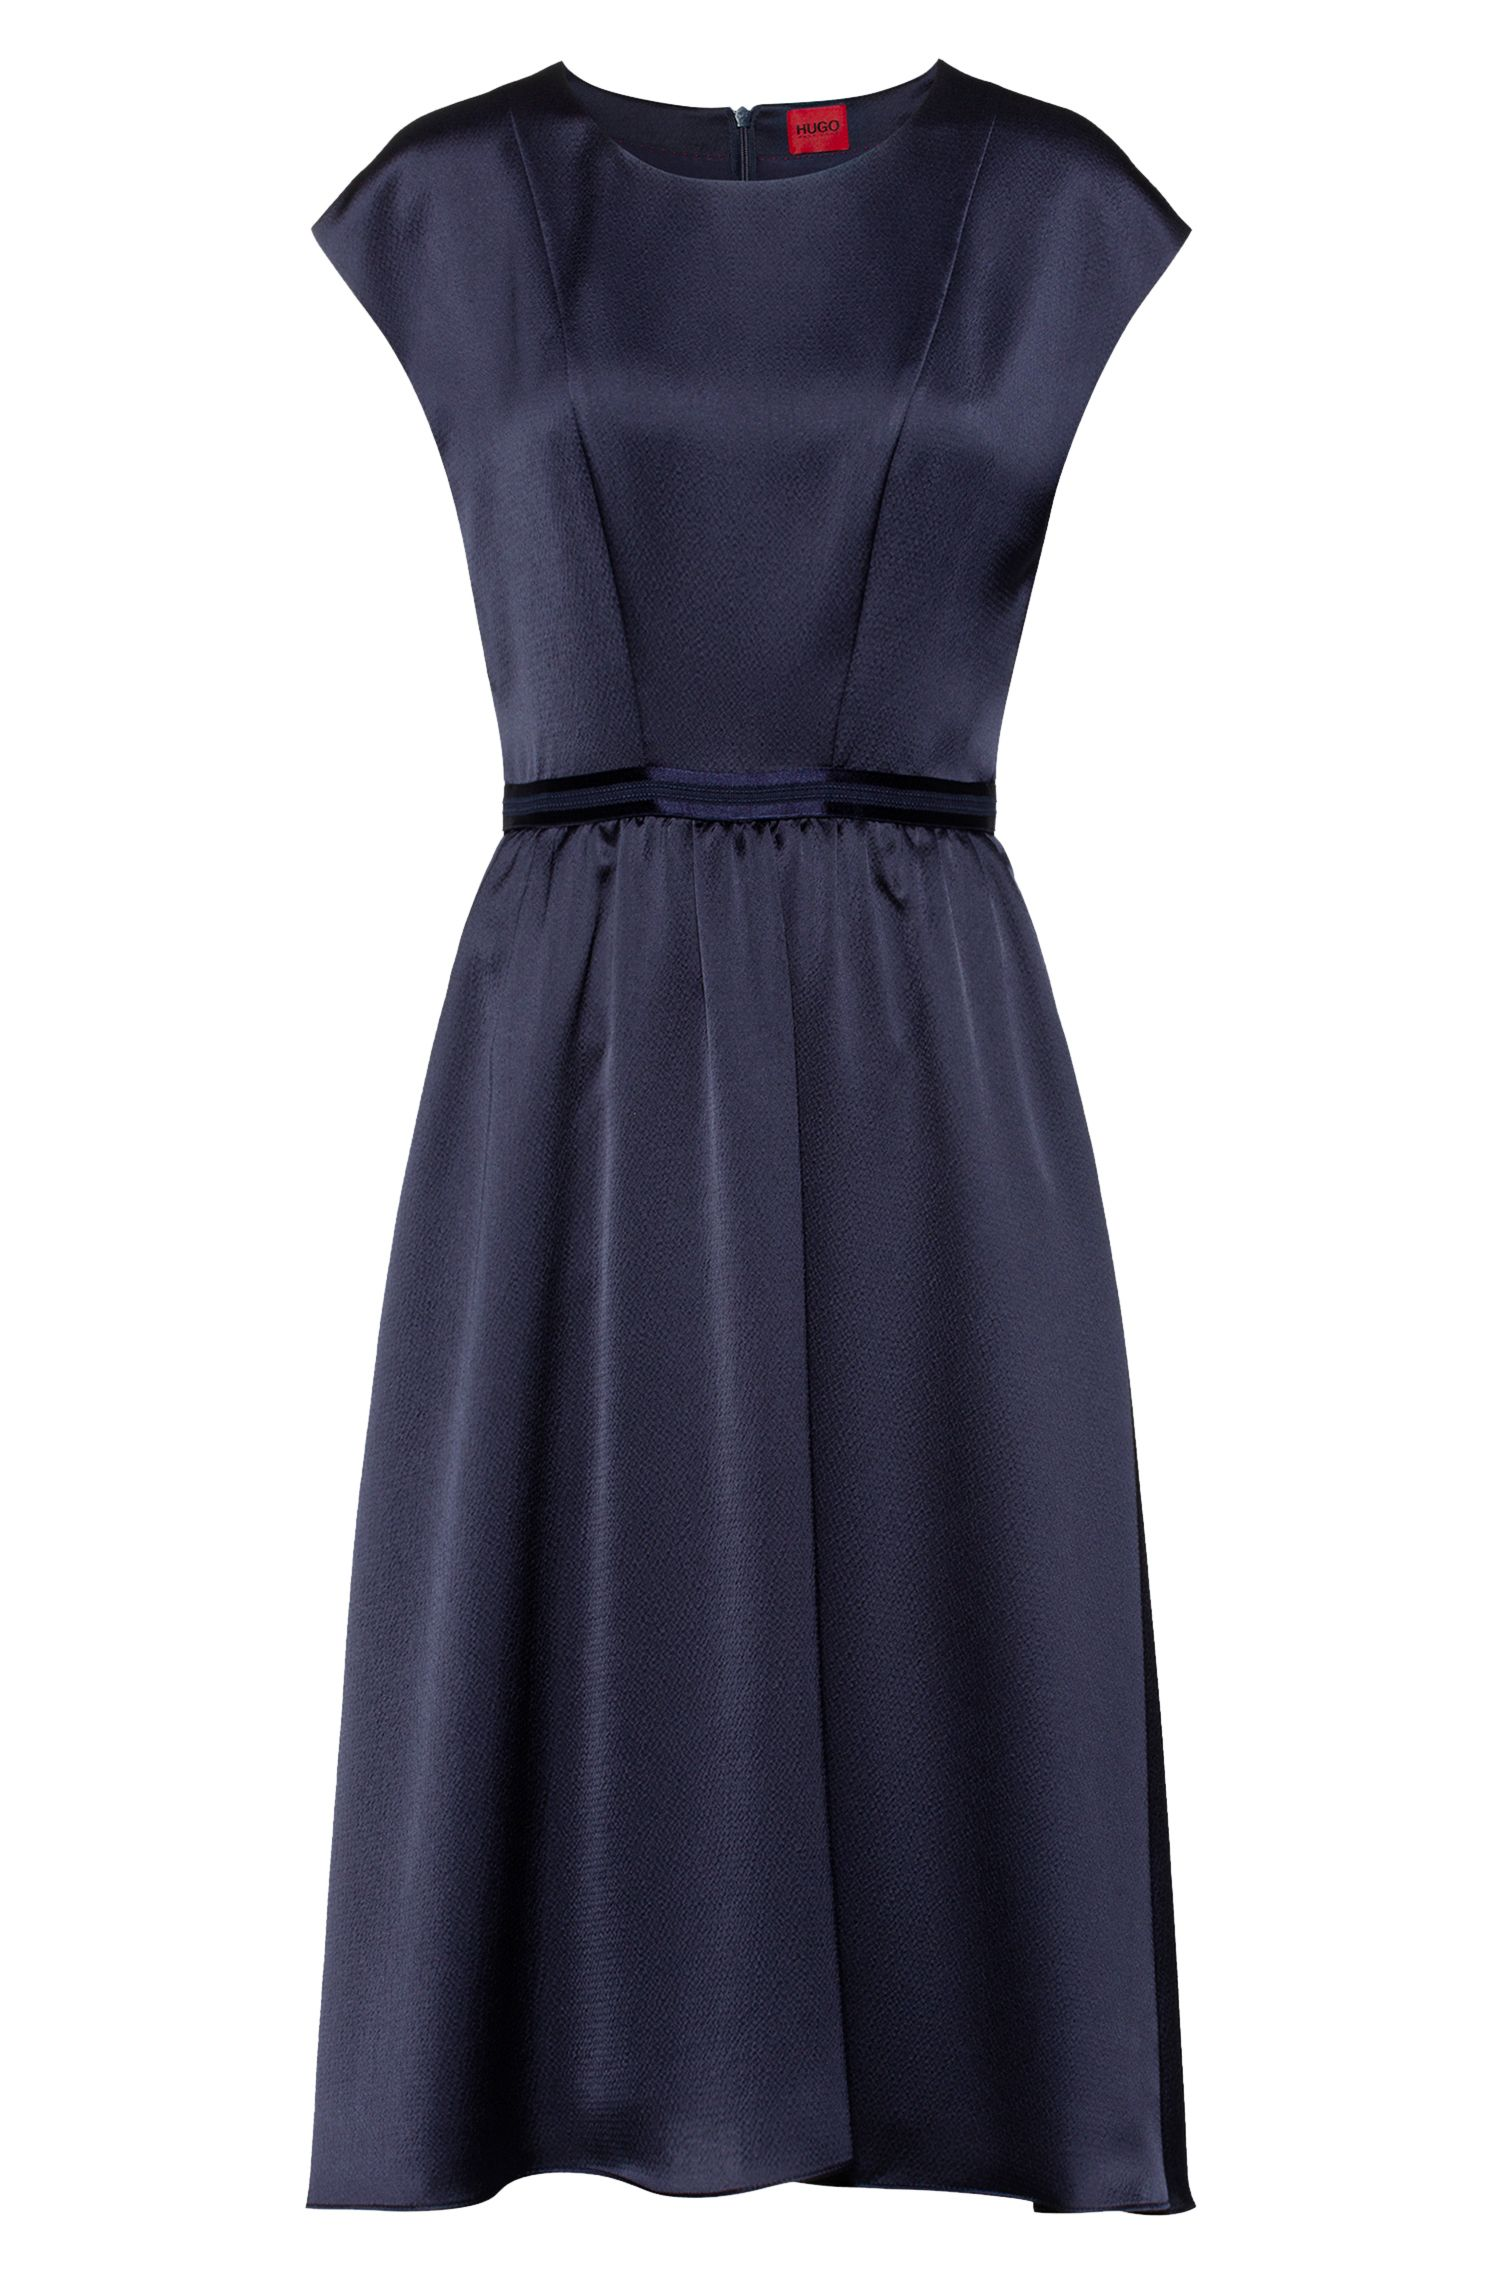 Jurk in A-lijn, van inslagcrêpe met contrasterende tailleband, Blauw